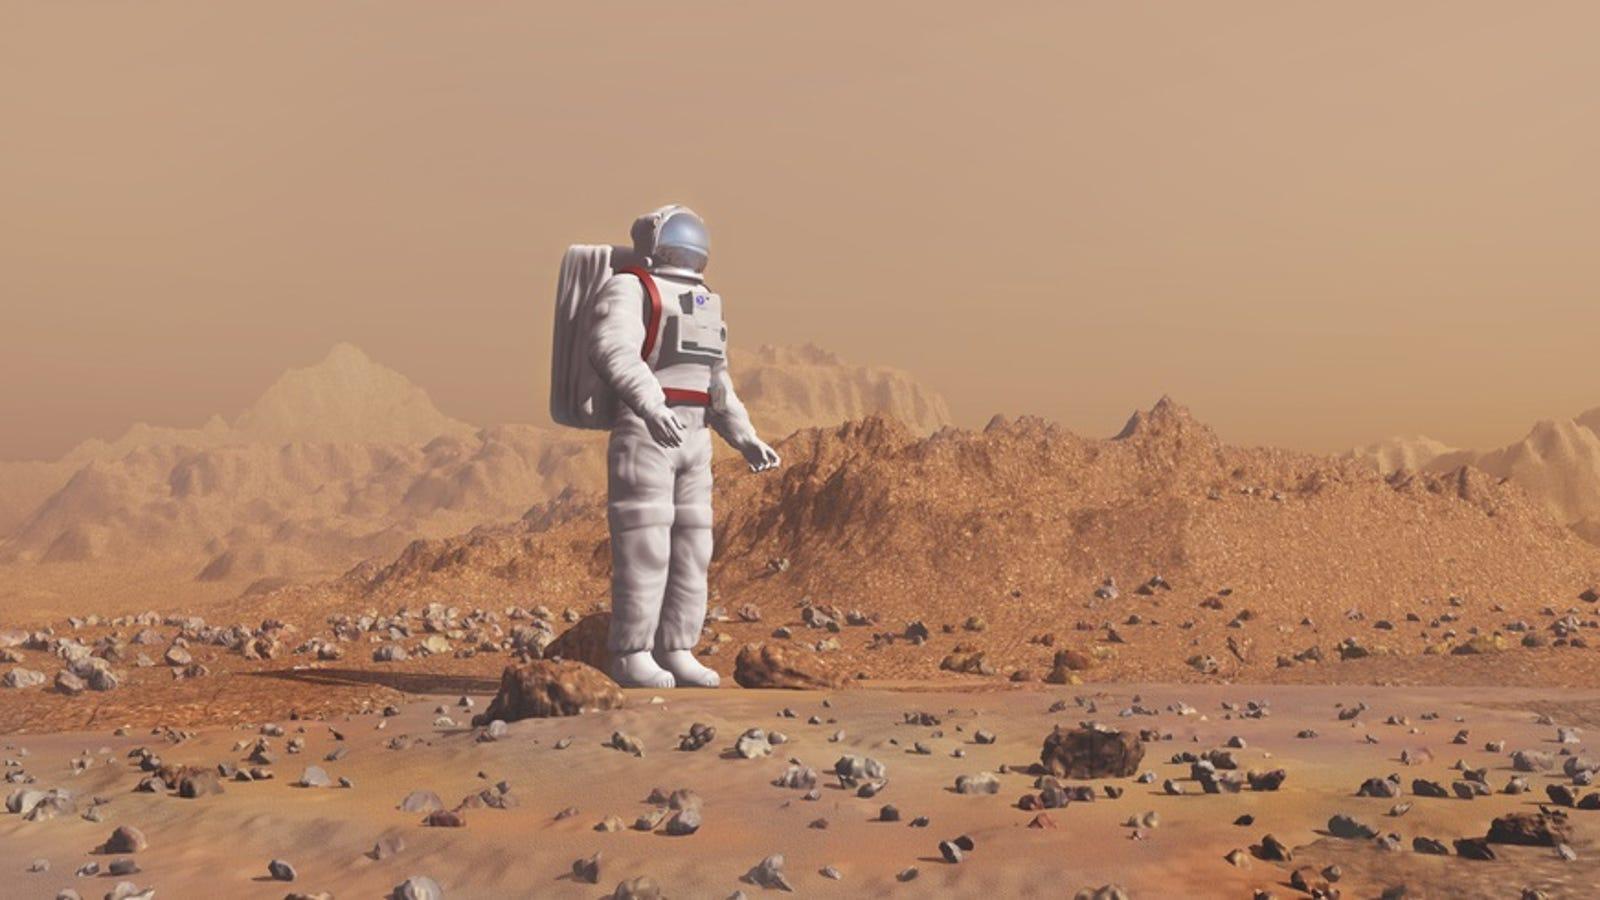 Los astronautas que viajen a Marte perderán inteligencia por el camino